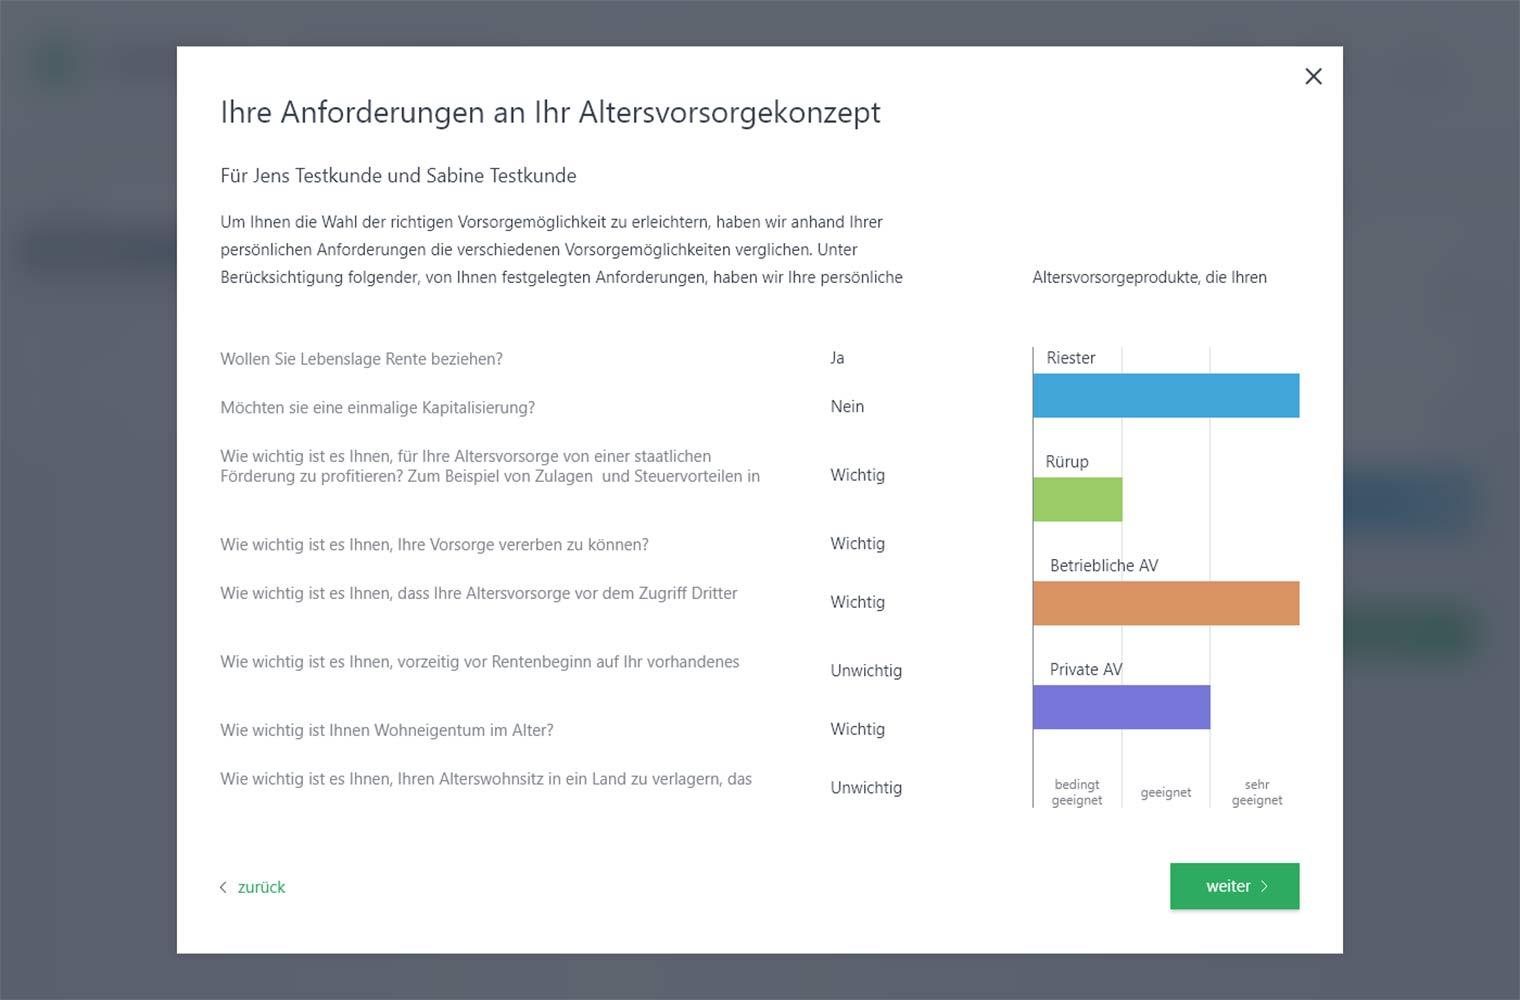 https://www.vorfina.de/wp-content/uploads/2018/12/Schichtenfinder-Anforderungen-ans-Vorsorgekonzept@2x.jpg